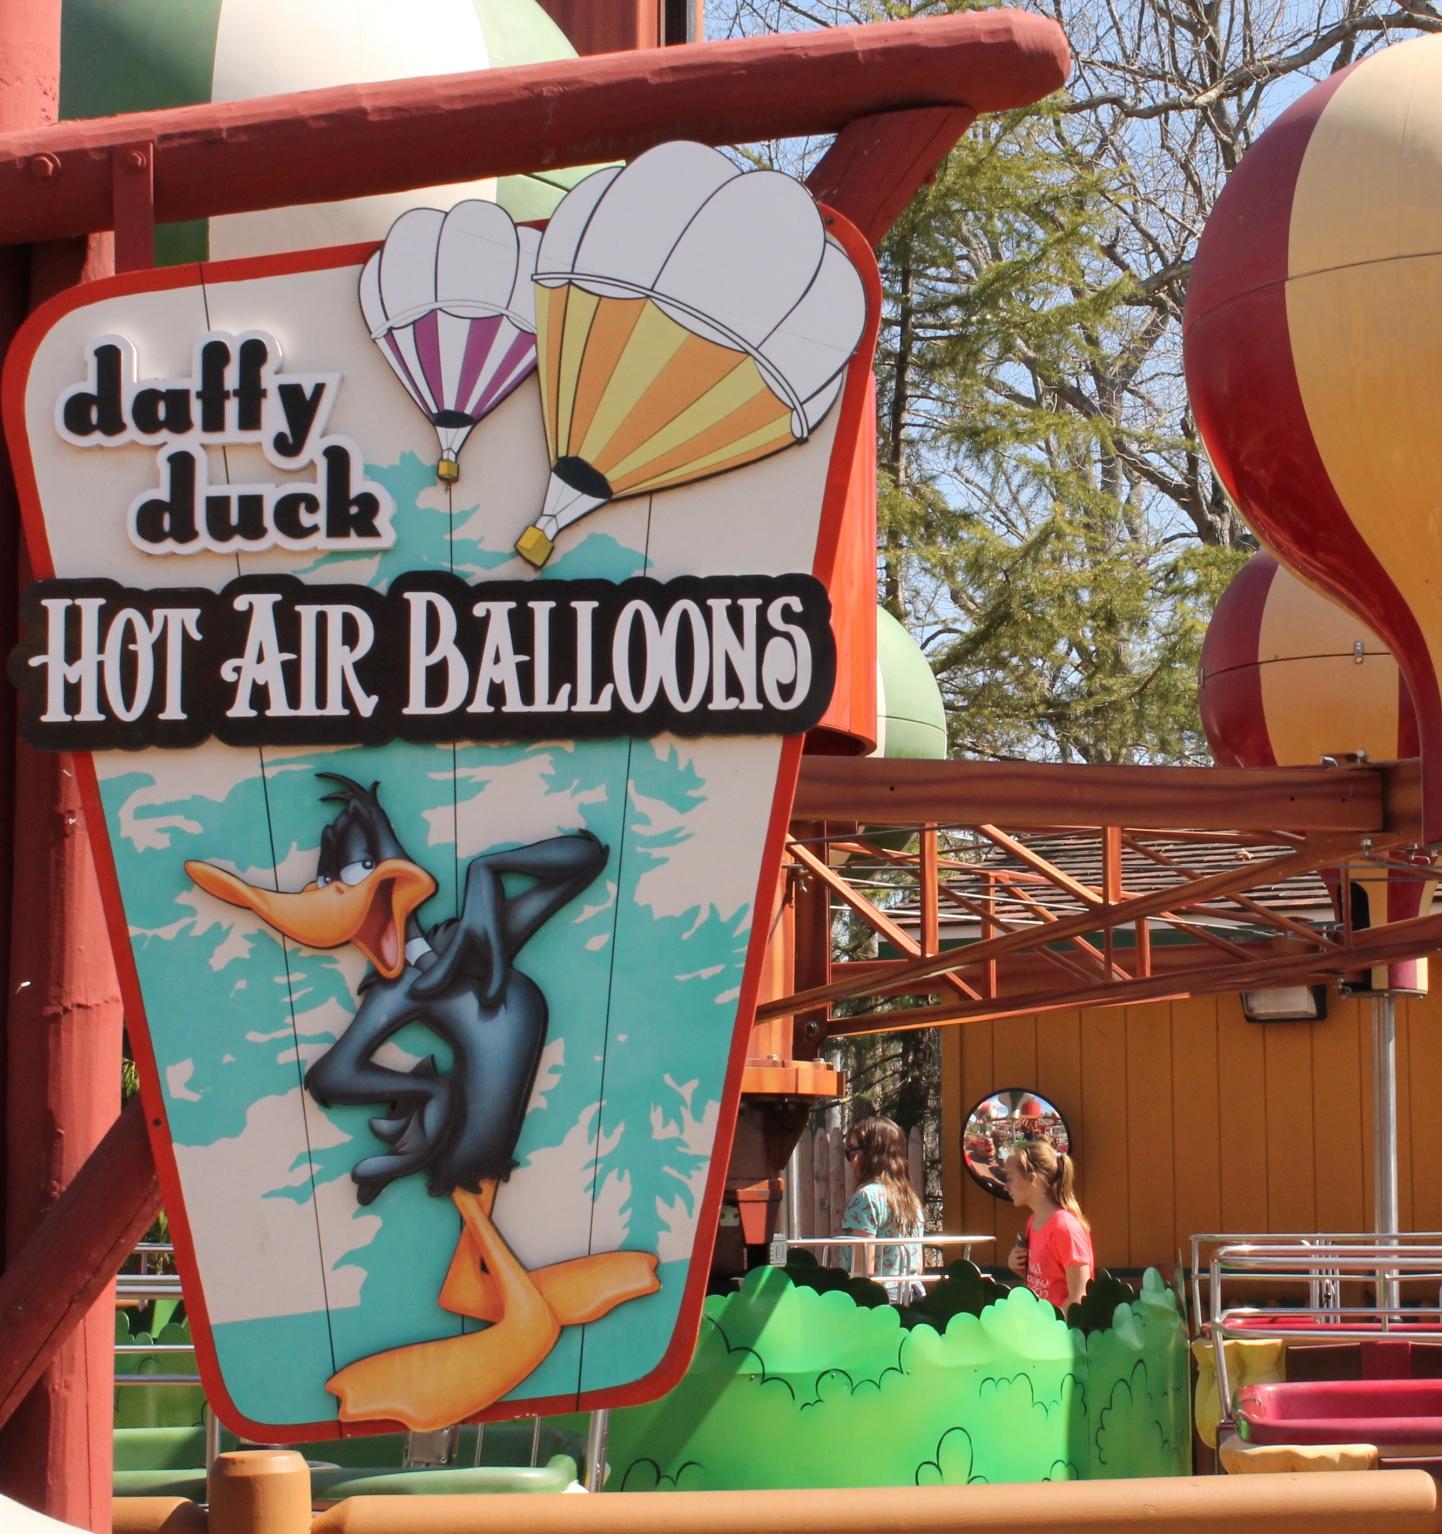 Sfgadv_daffyshotairballoons_1440x1533_0